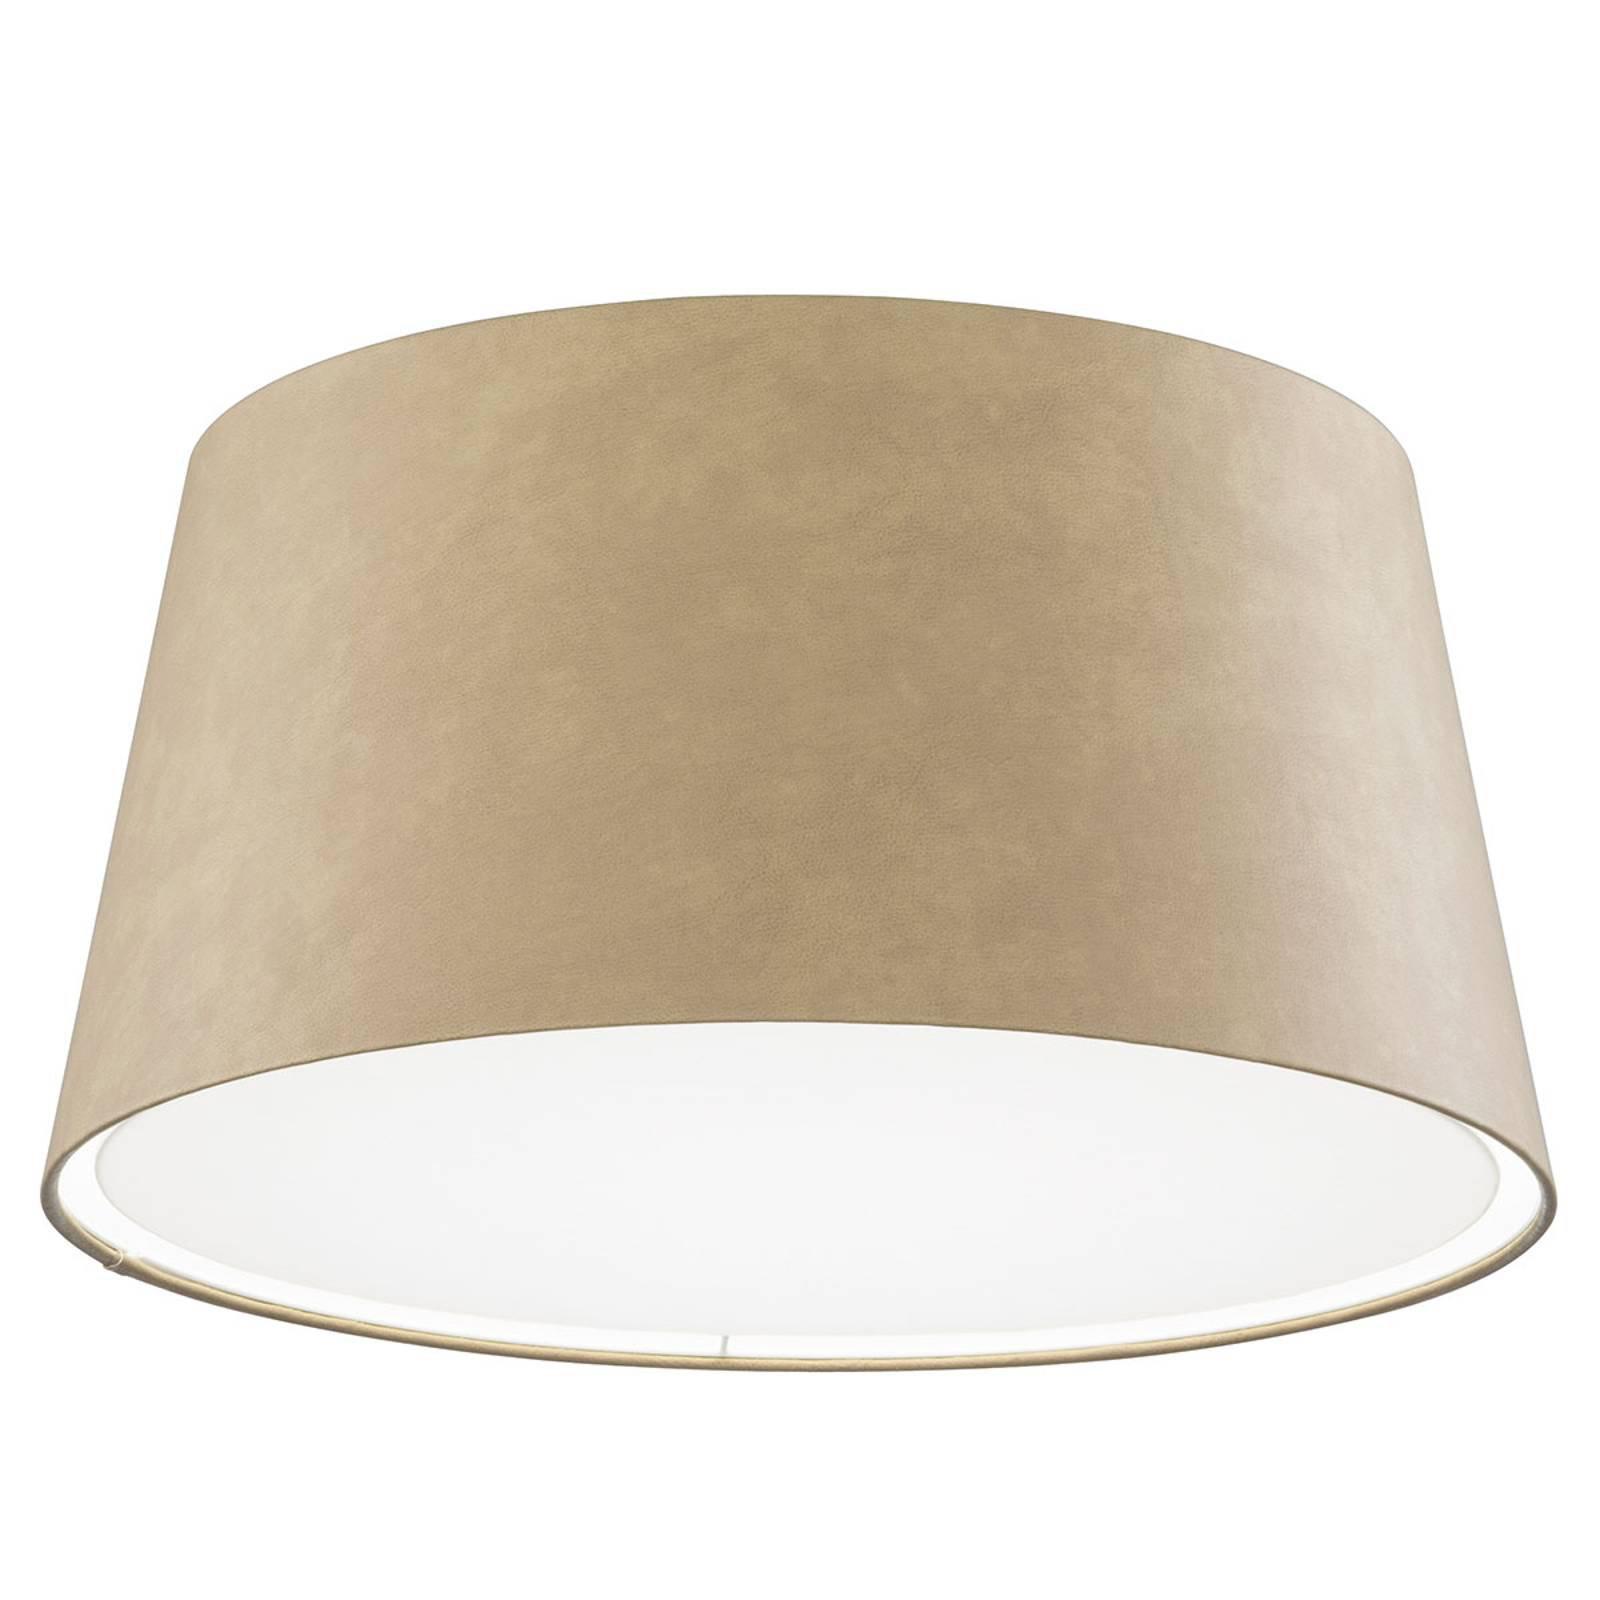 LED-taklampe Louise, dimbar, 3 000 K, sand